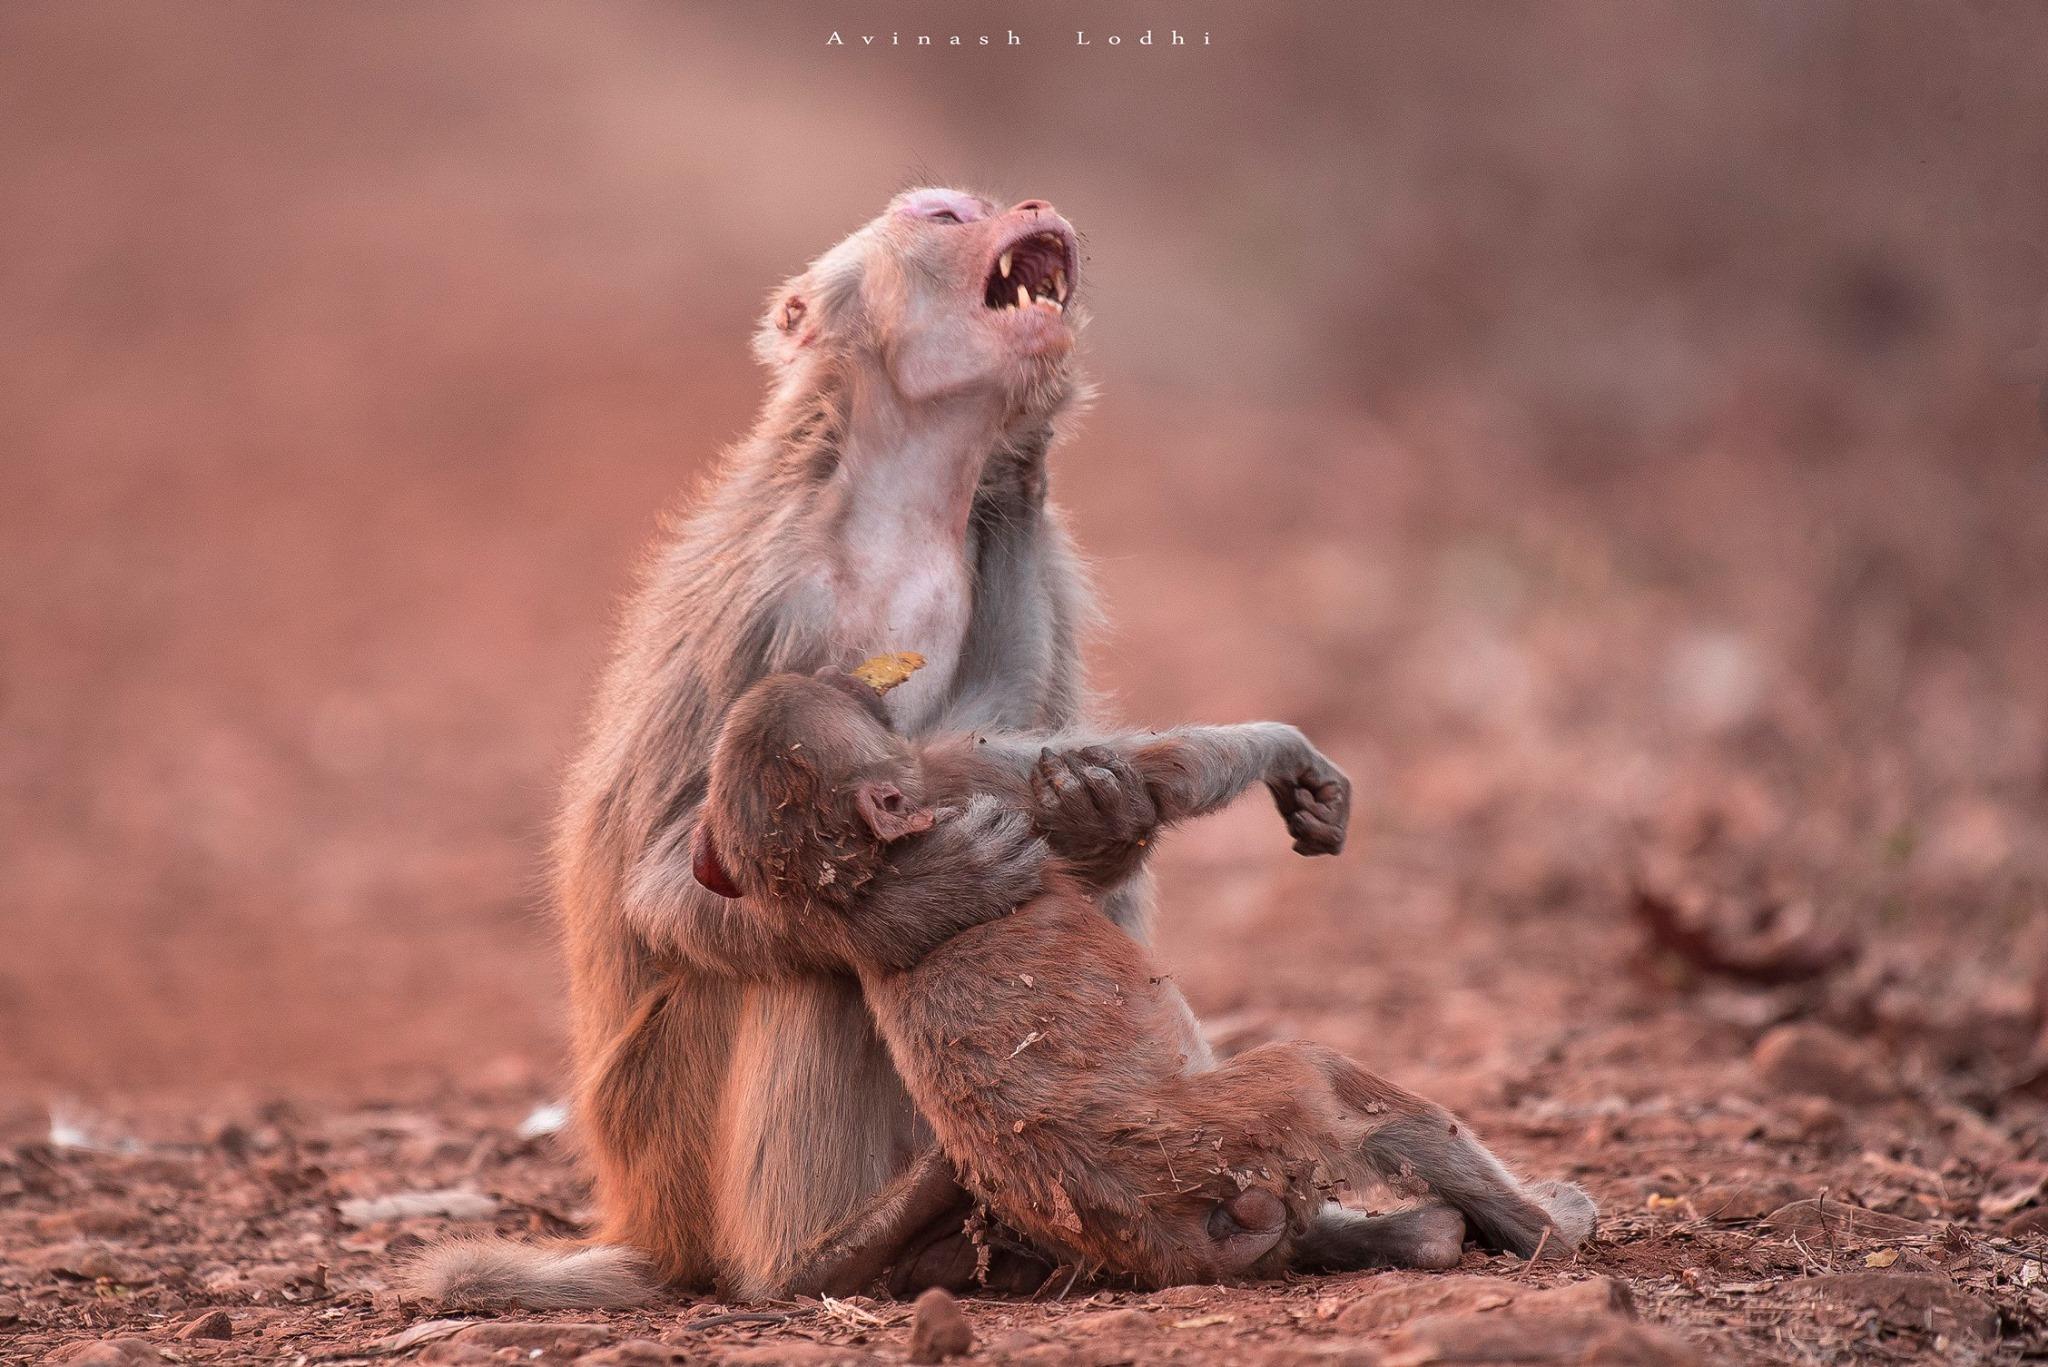 Internautas ficam comovidos com foto de macaca chorando ao socorrer filhote